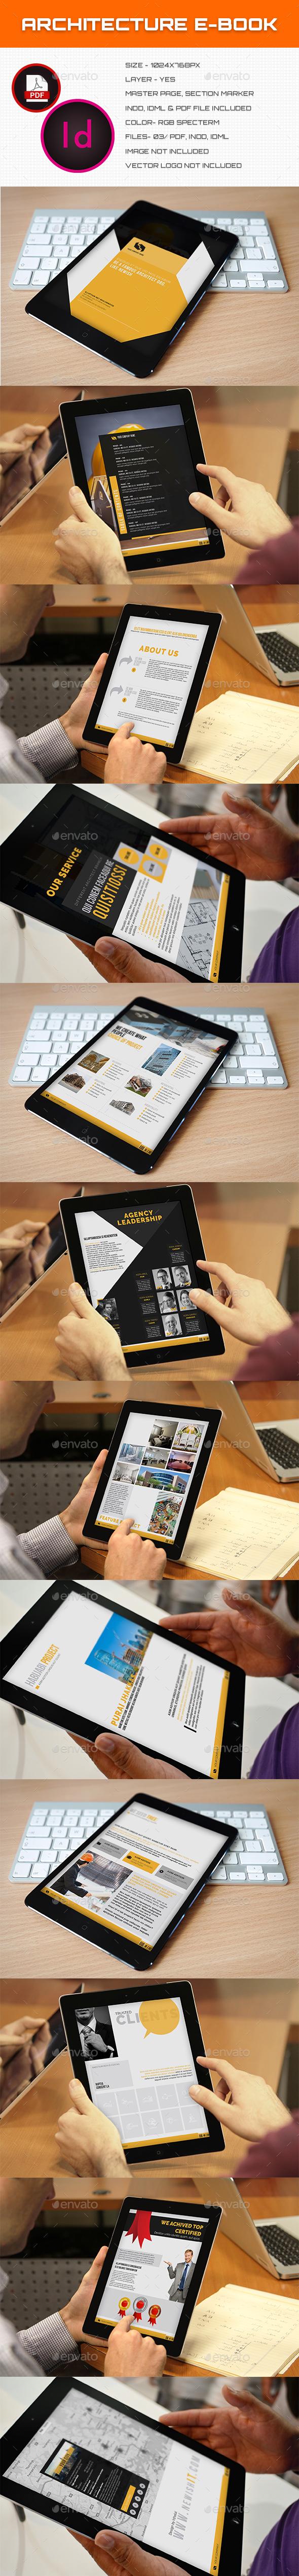 Architect Profile E-book - ePublishing